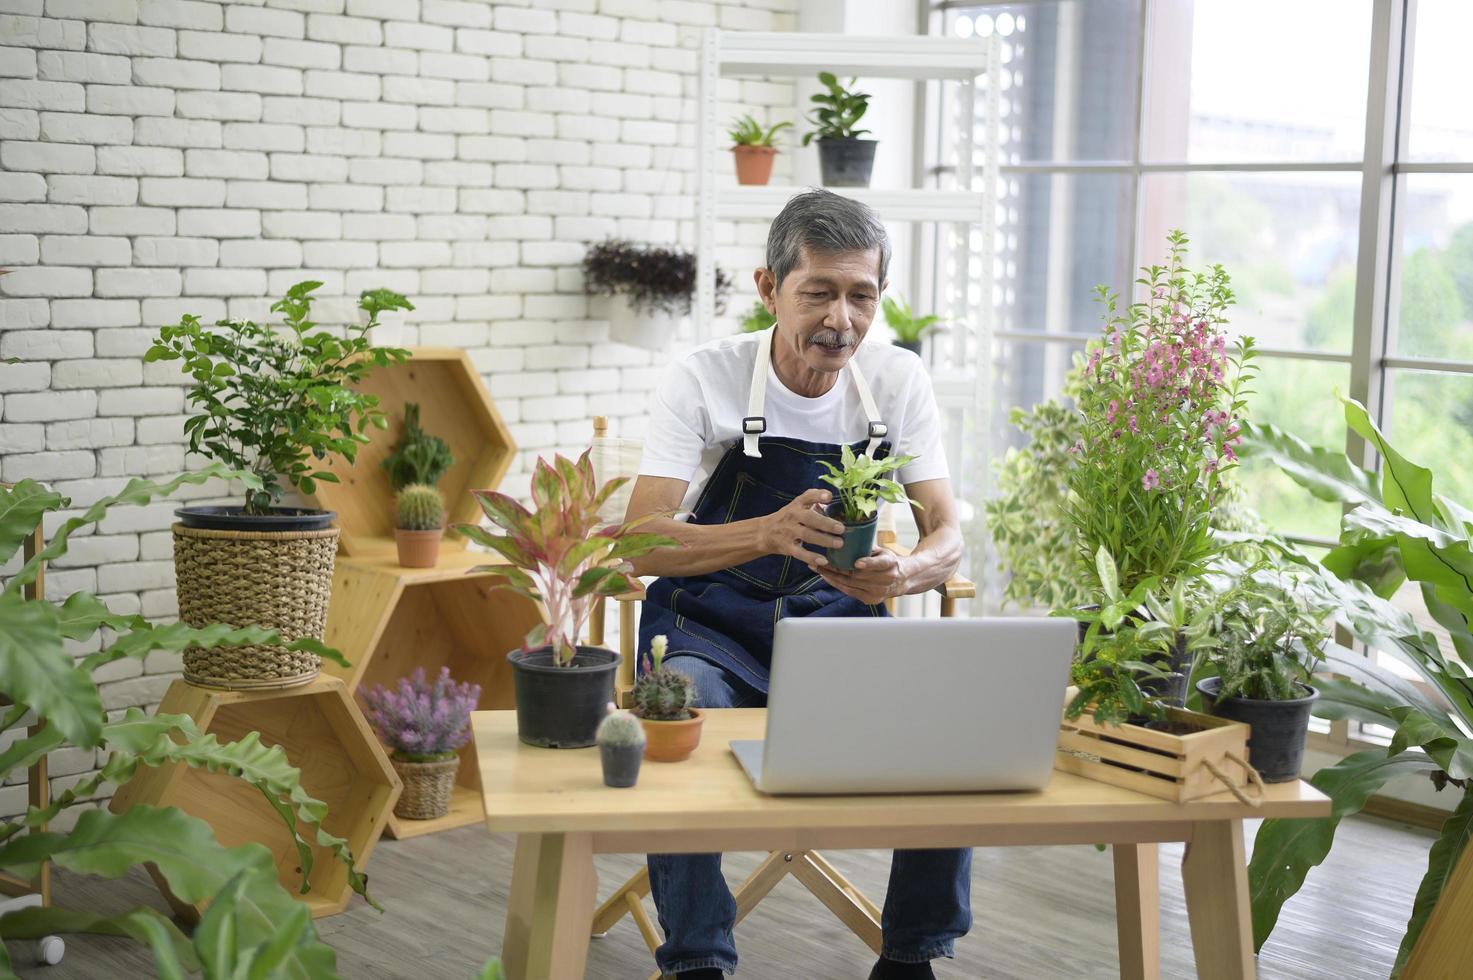 homme asiatique travaillant avec des plantes d'intérieur photo